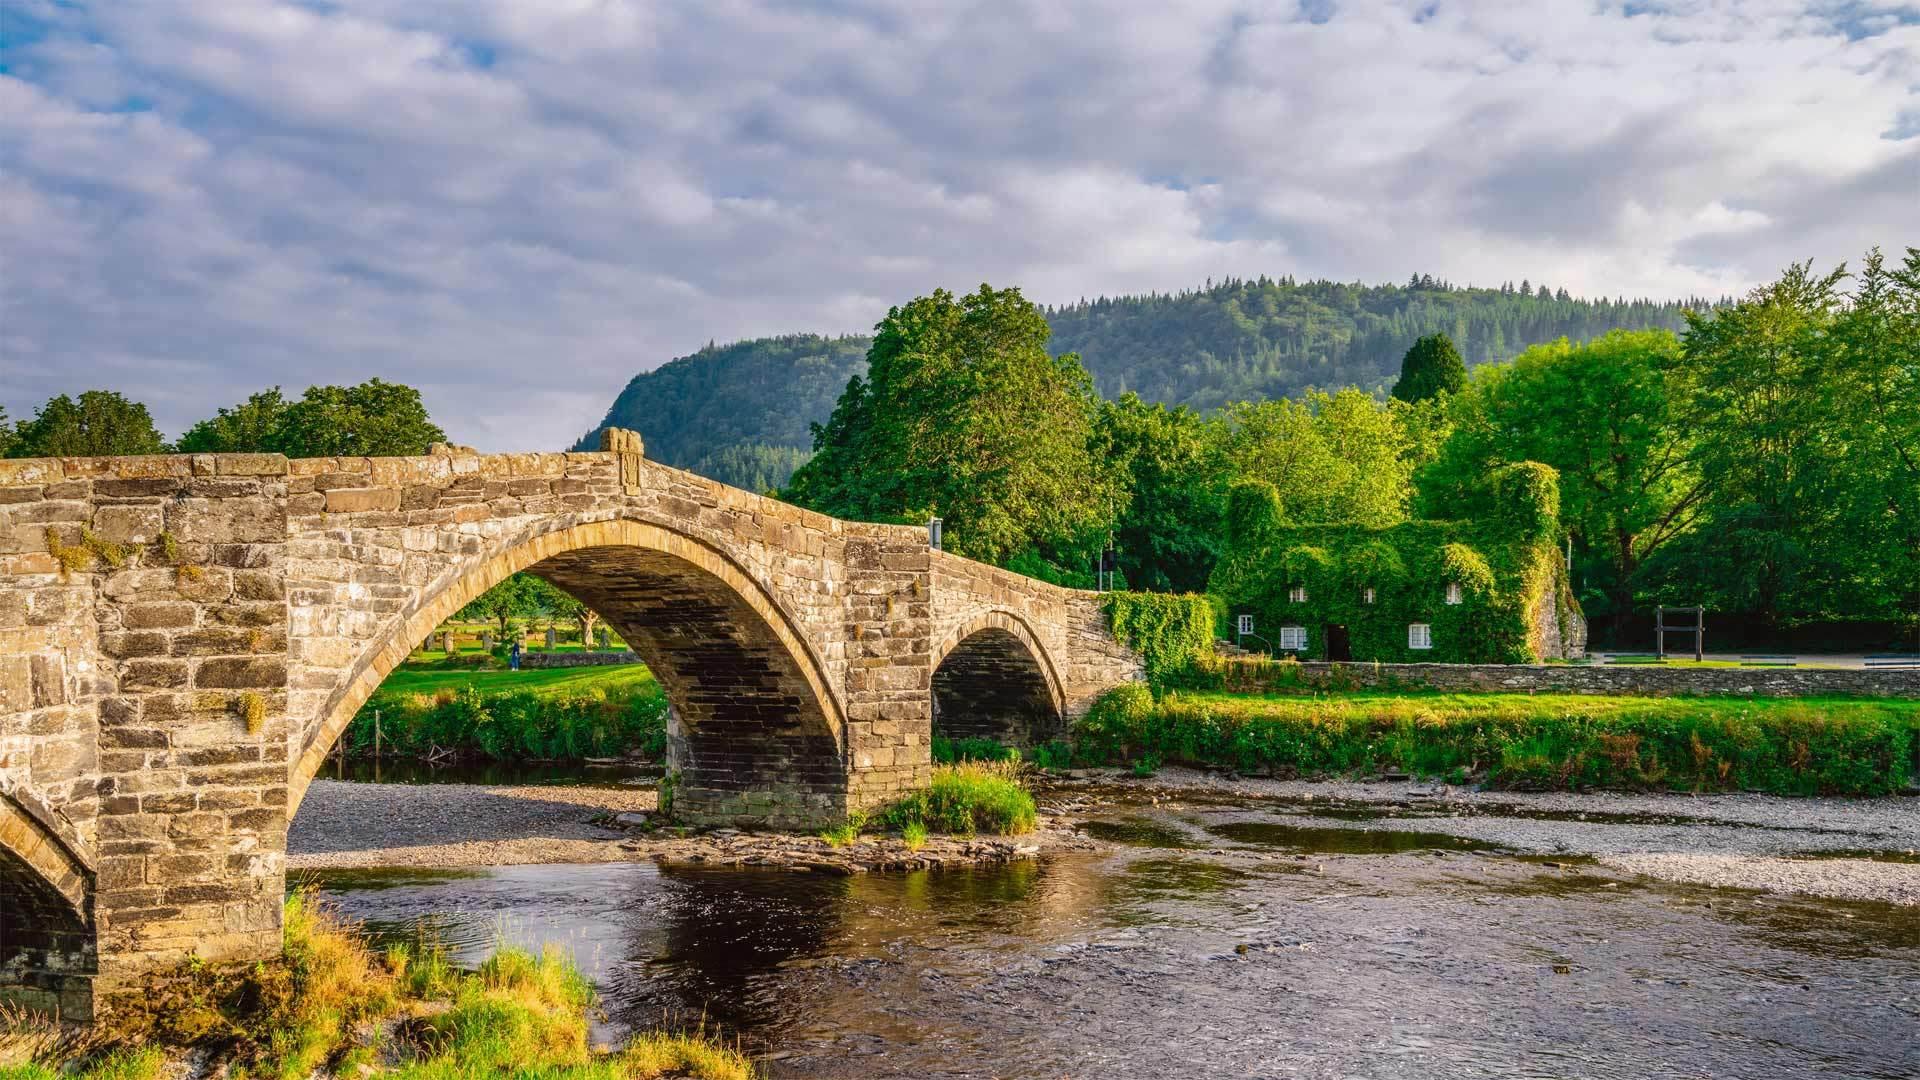 兰鲁斯特一座名为Pont Fawr的石拱桥Pont Fawr